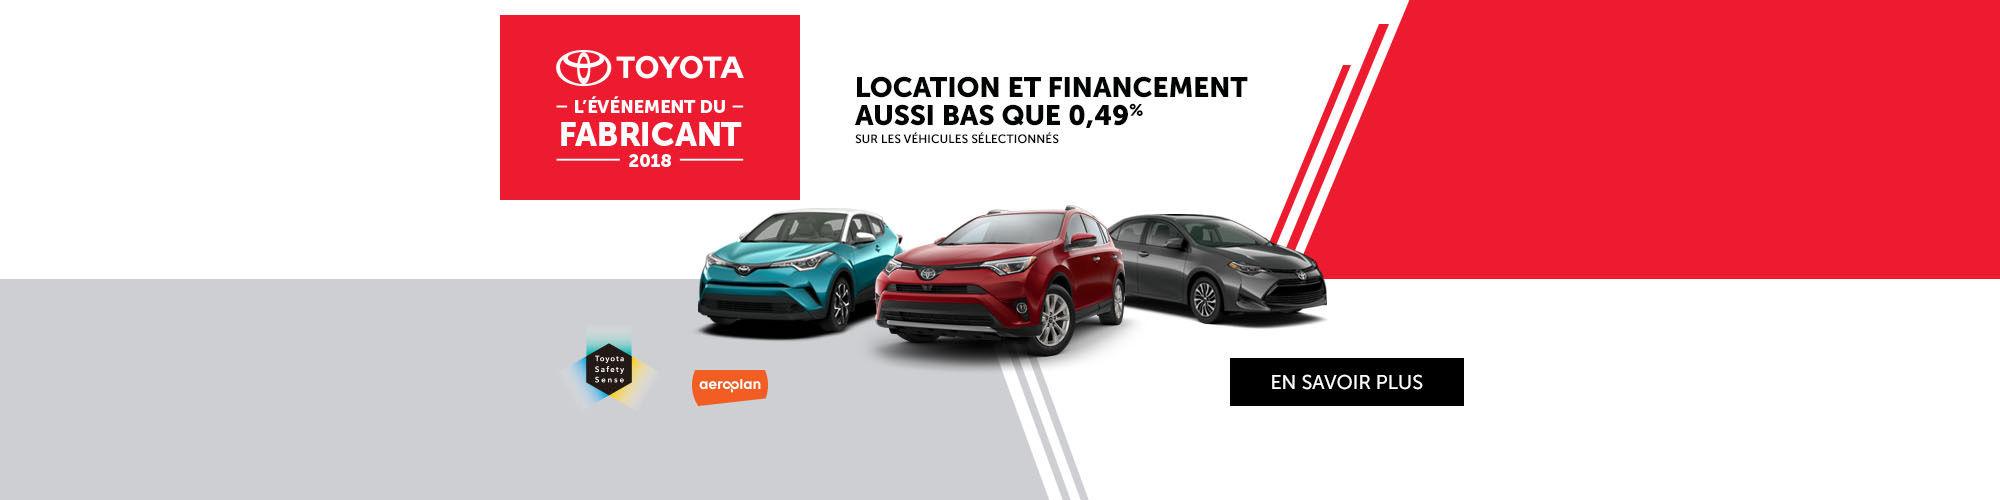 L'Événement du Fabricant Toyota 2018